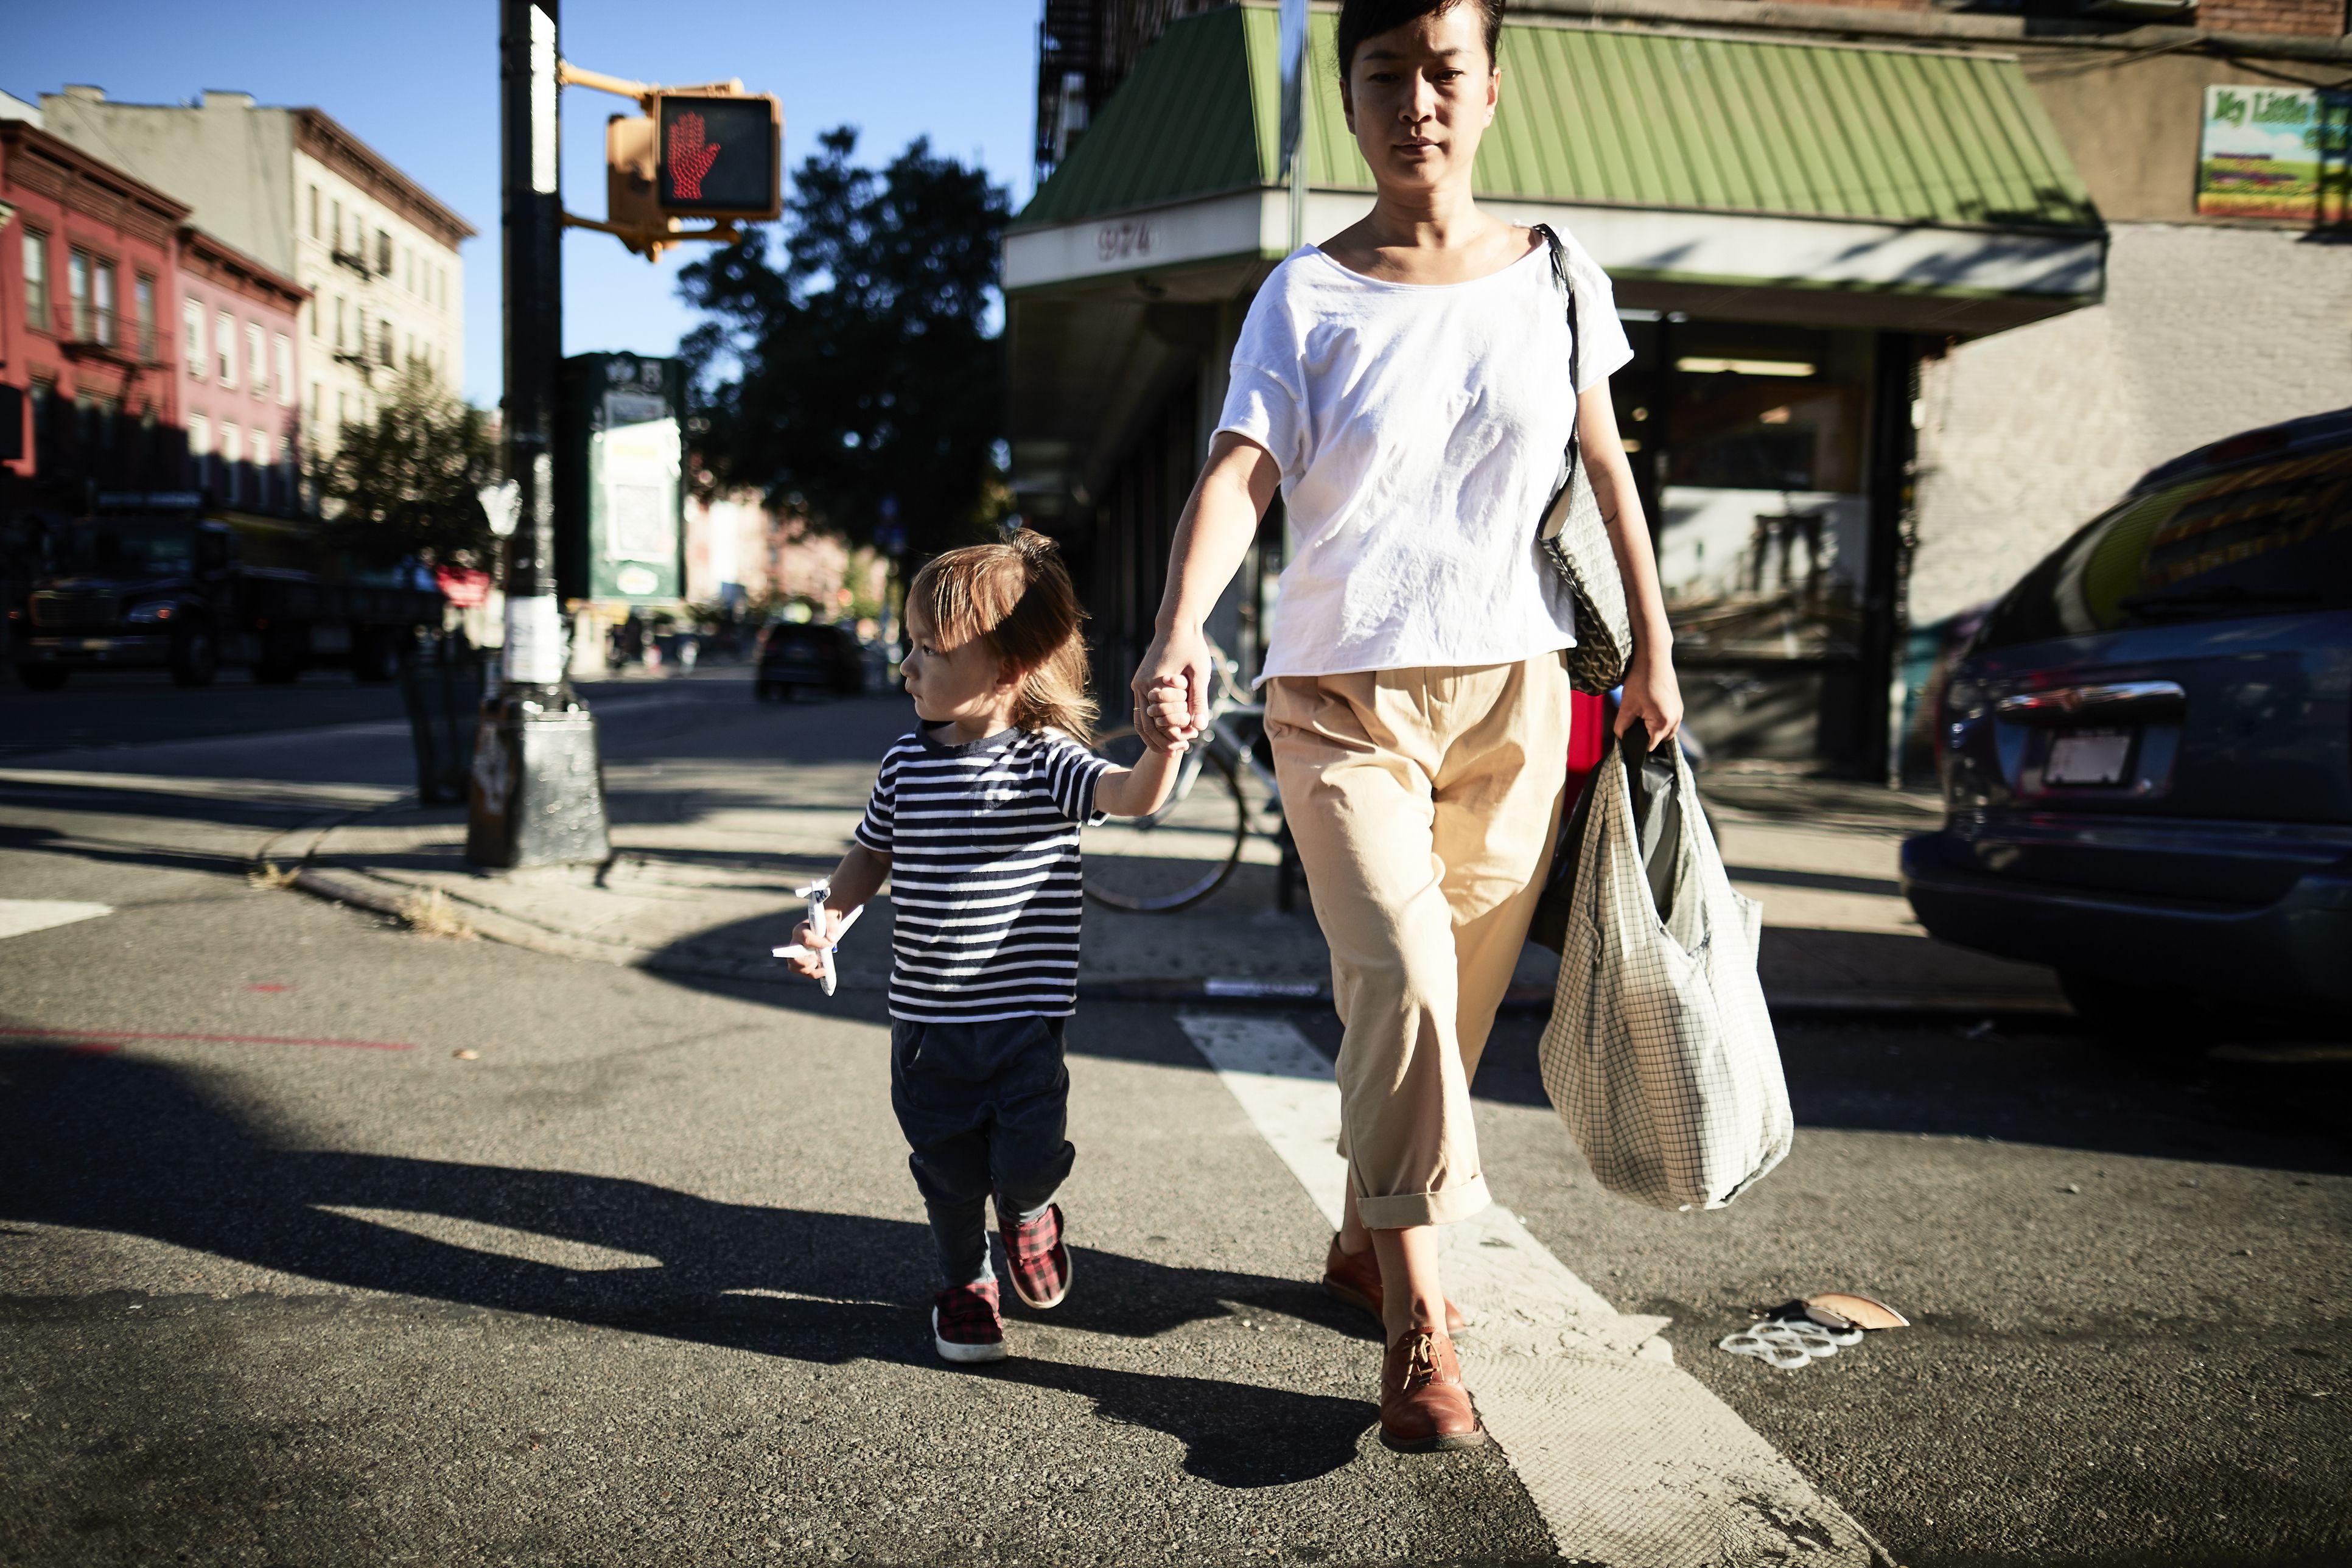 Madre e hijo caminando en la calle en Brooklyn, Nueva York